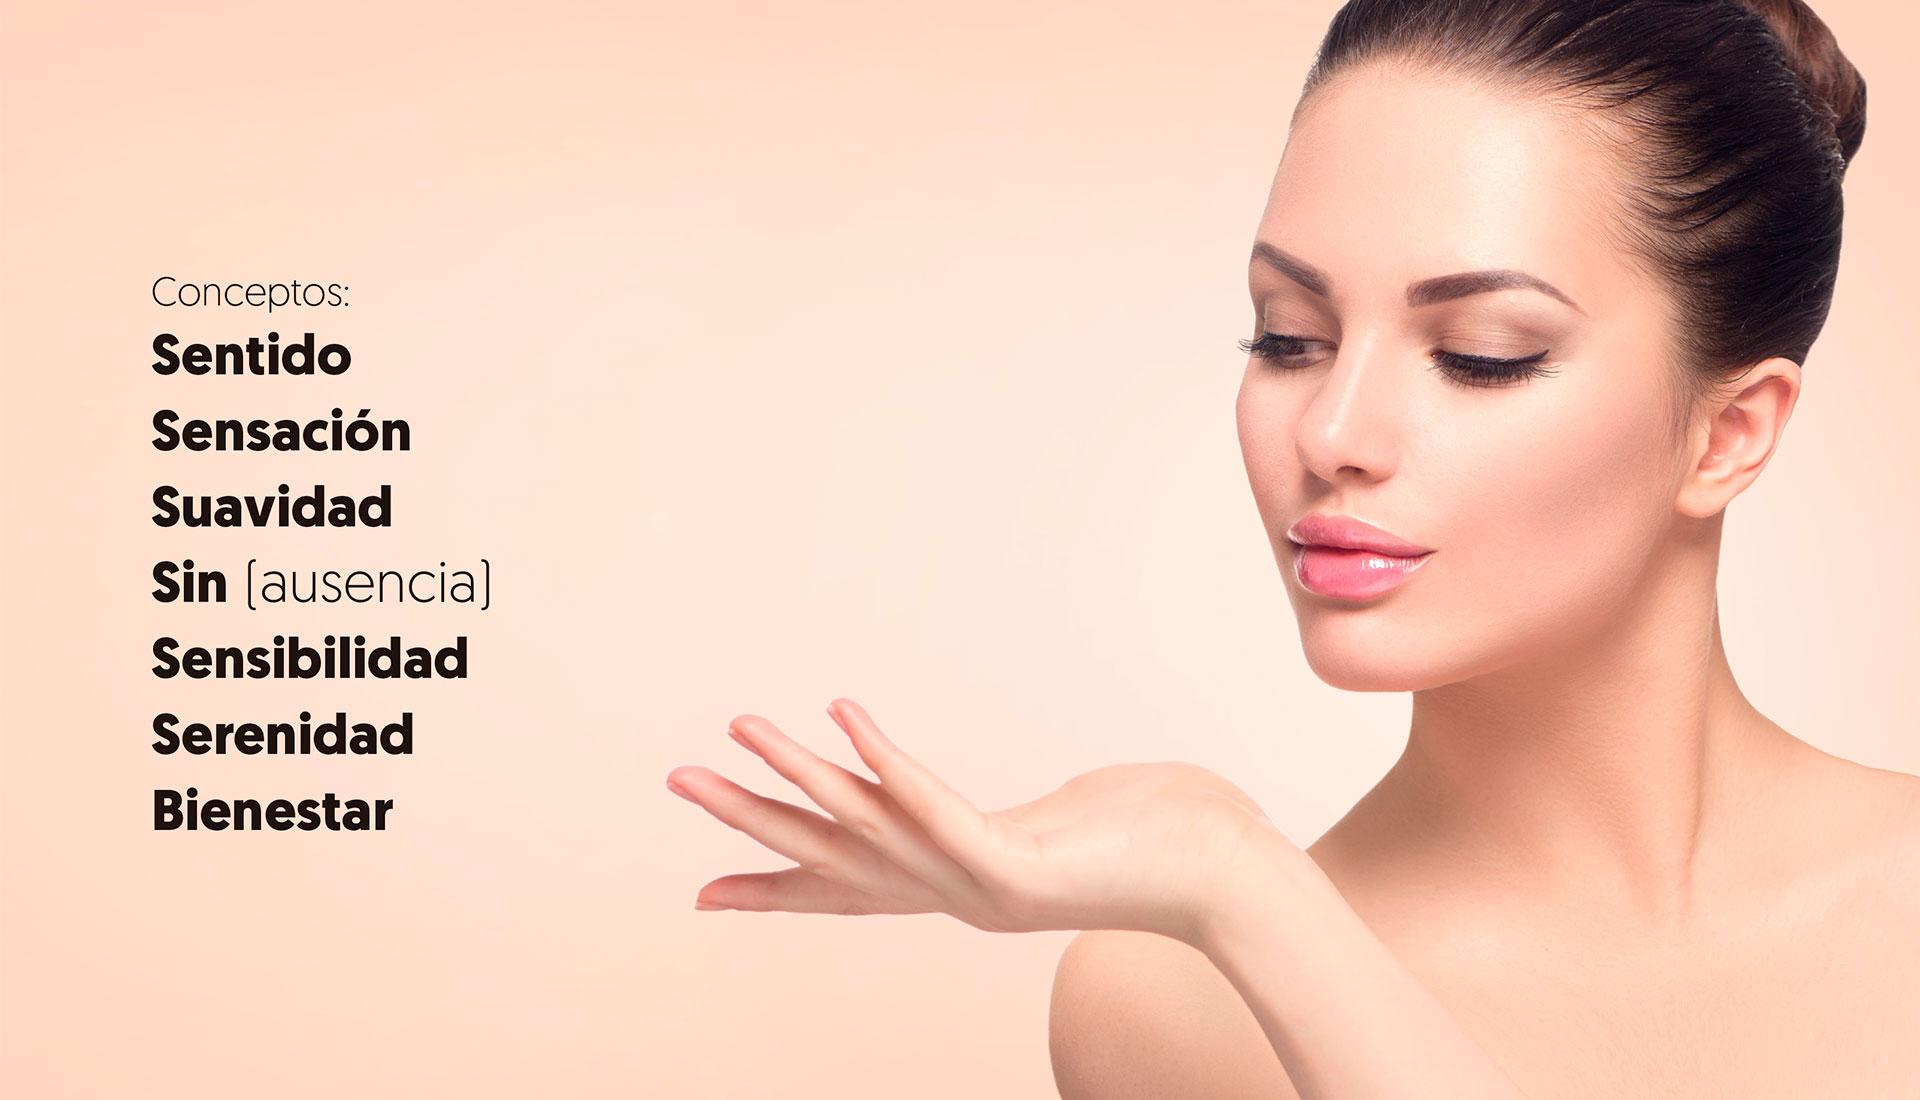 agencia-marketing-digital-pennyworth-identidad-corporativa-centro-estetica-valencia-01